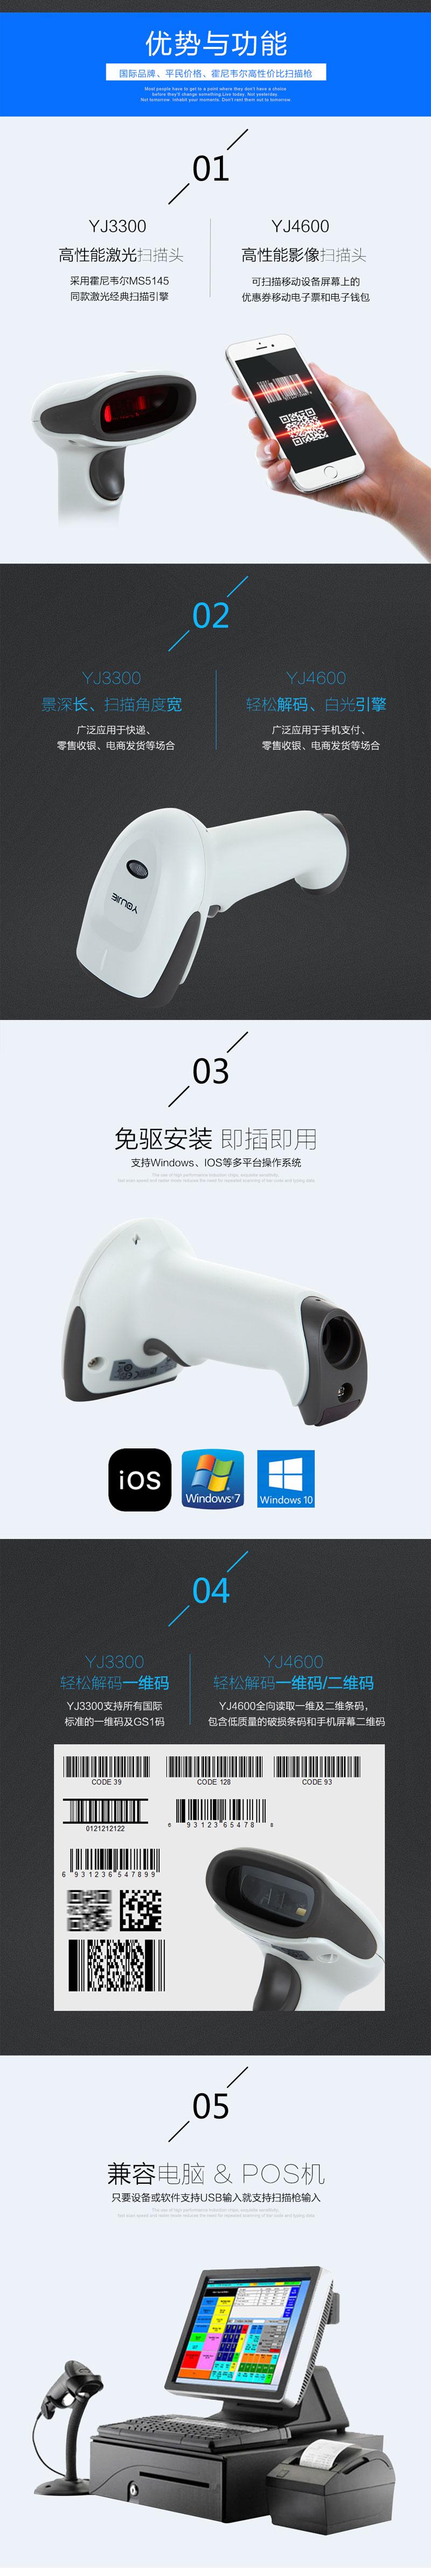 霍尼韦尔(Honeywell)优解 条码扫描枪 超市扫码枪 收银扫码器 YJ4600 二维/影像/黑色USB口